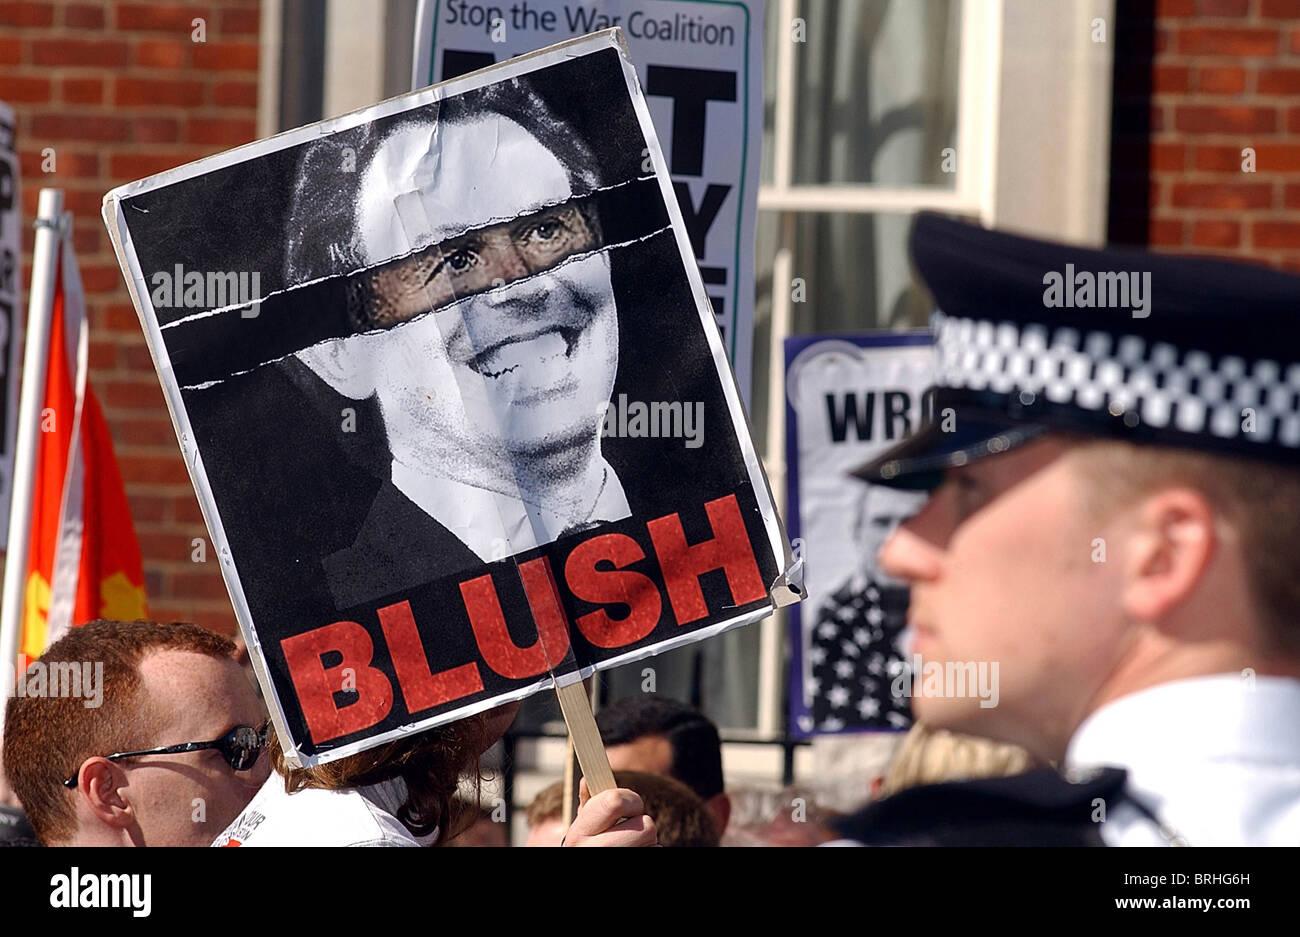 La demostración anti-guerra en Grosvenor Square, Londres, 5-4-2003. Foto por John Robertson-Tel.07850 931219. Imagen De Stock